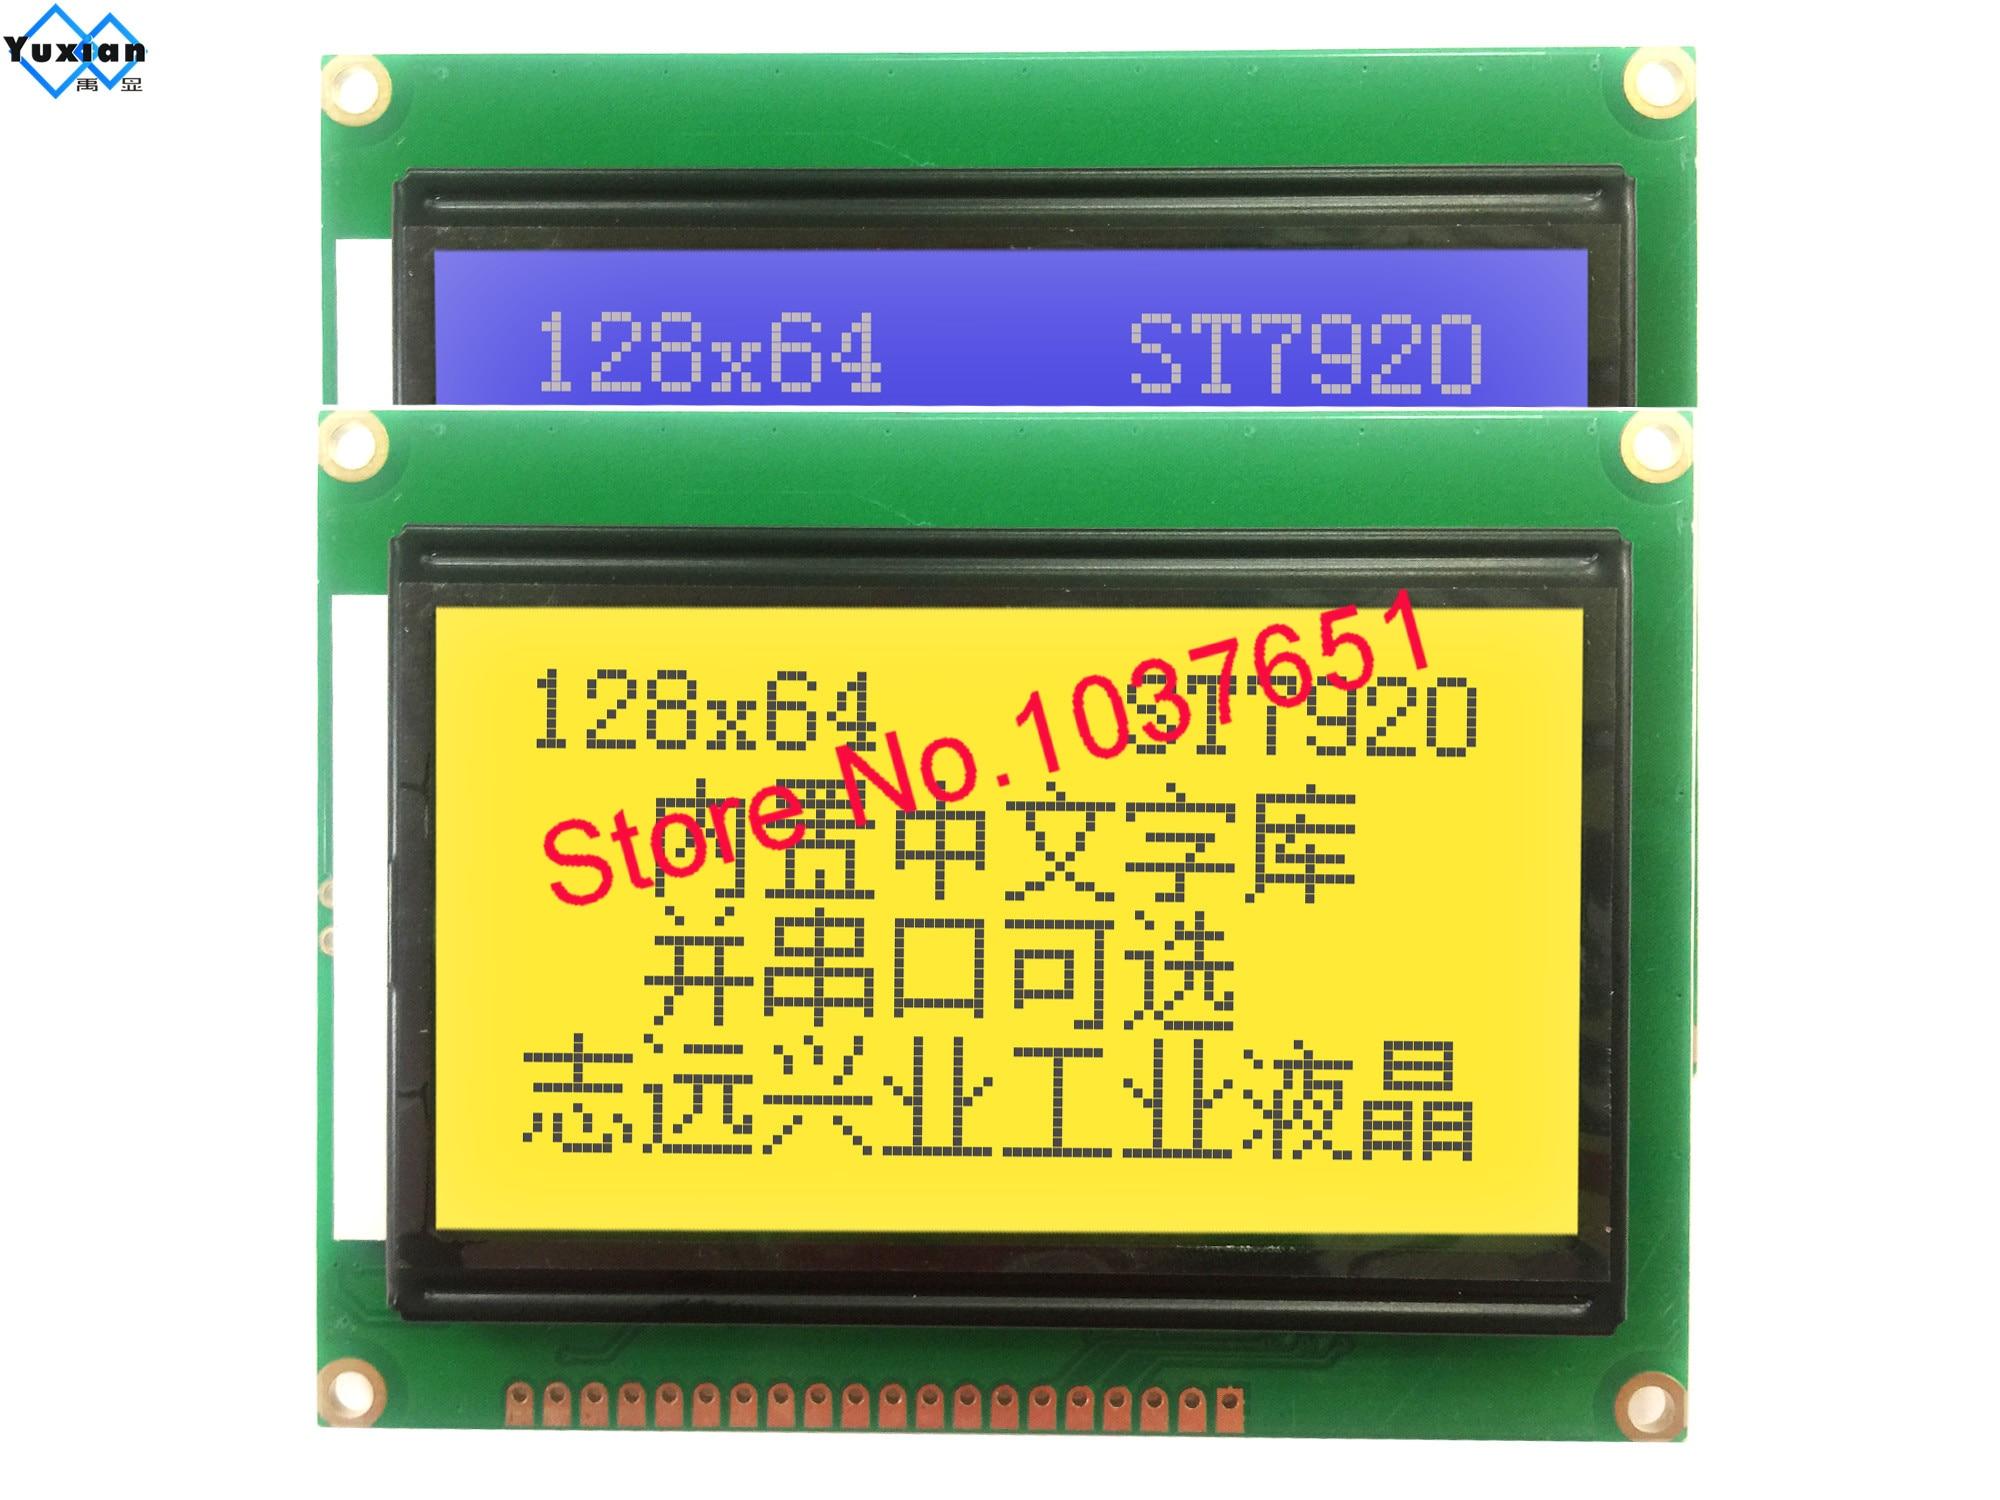 12864 ST7920 Модуль параллельного и серийный SPI ЖК-дисплей зеленый синий 12864B V2.0 1 шт. Бесплатная доставка